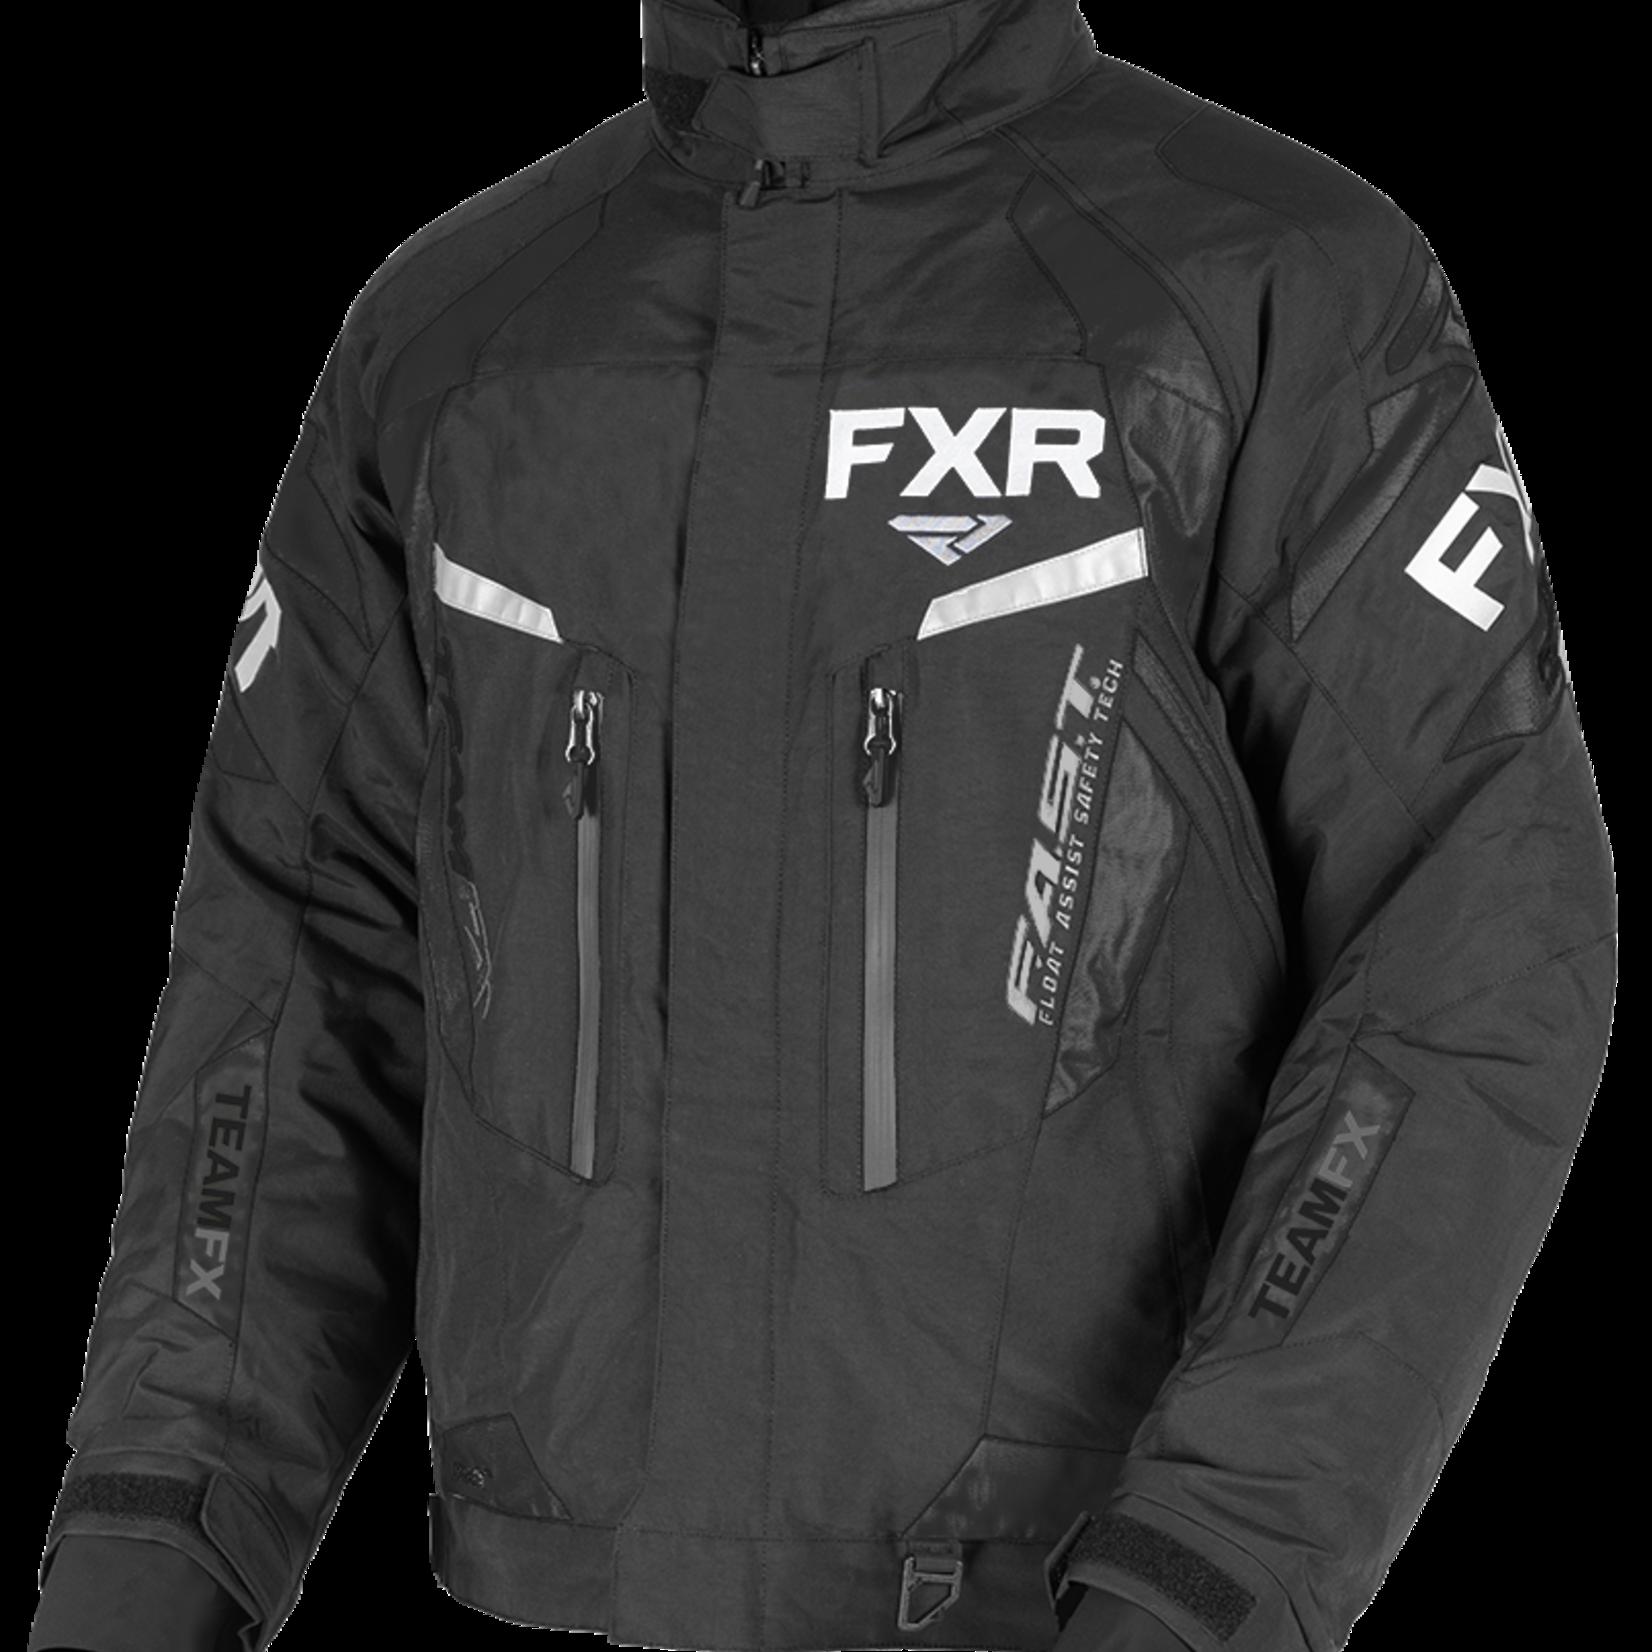 FXR M Team FX Jacket - M